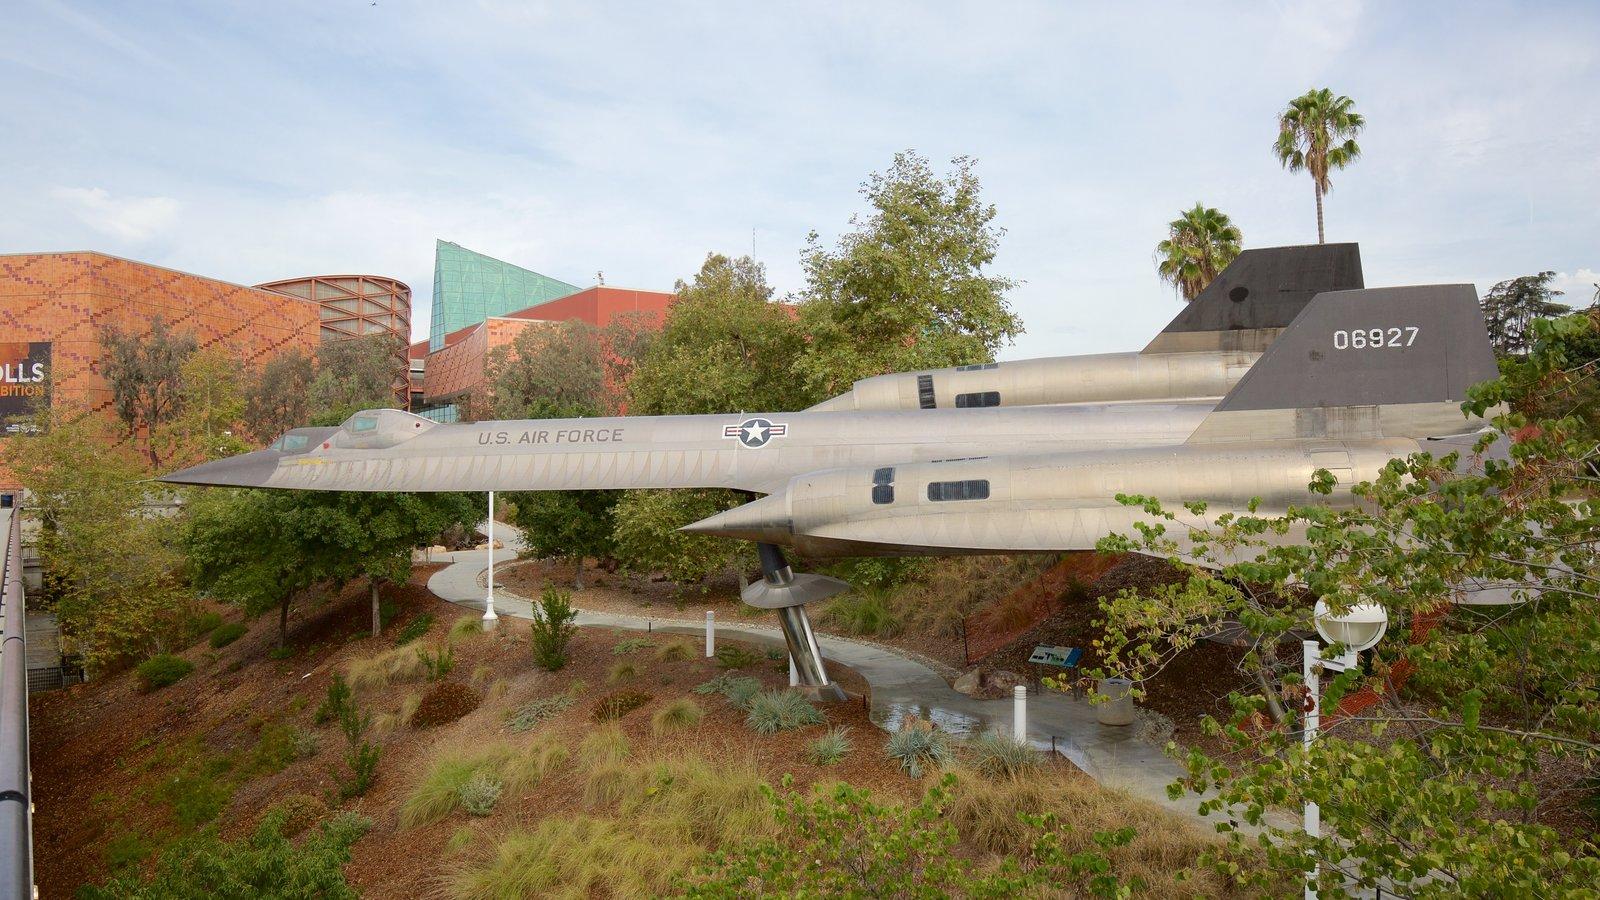 Museo California Science Center ofreciendo aeronave